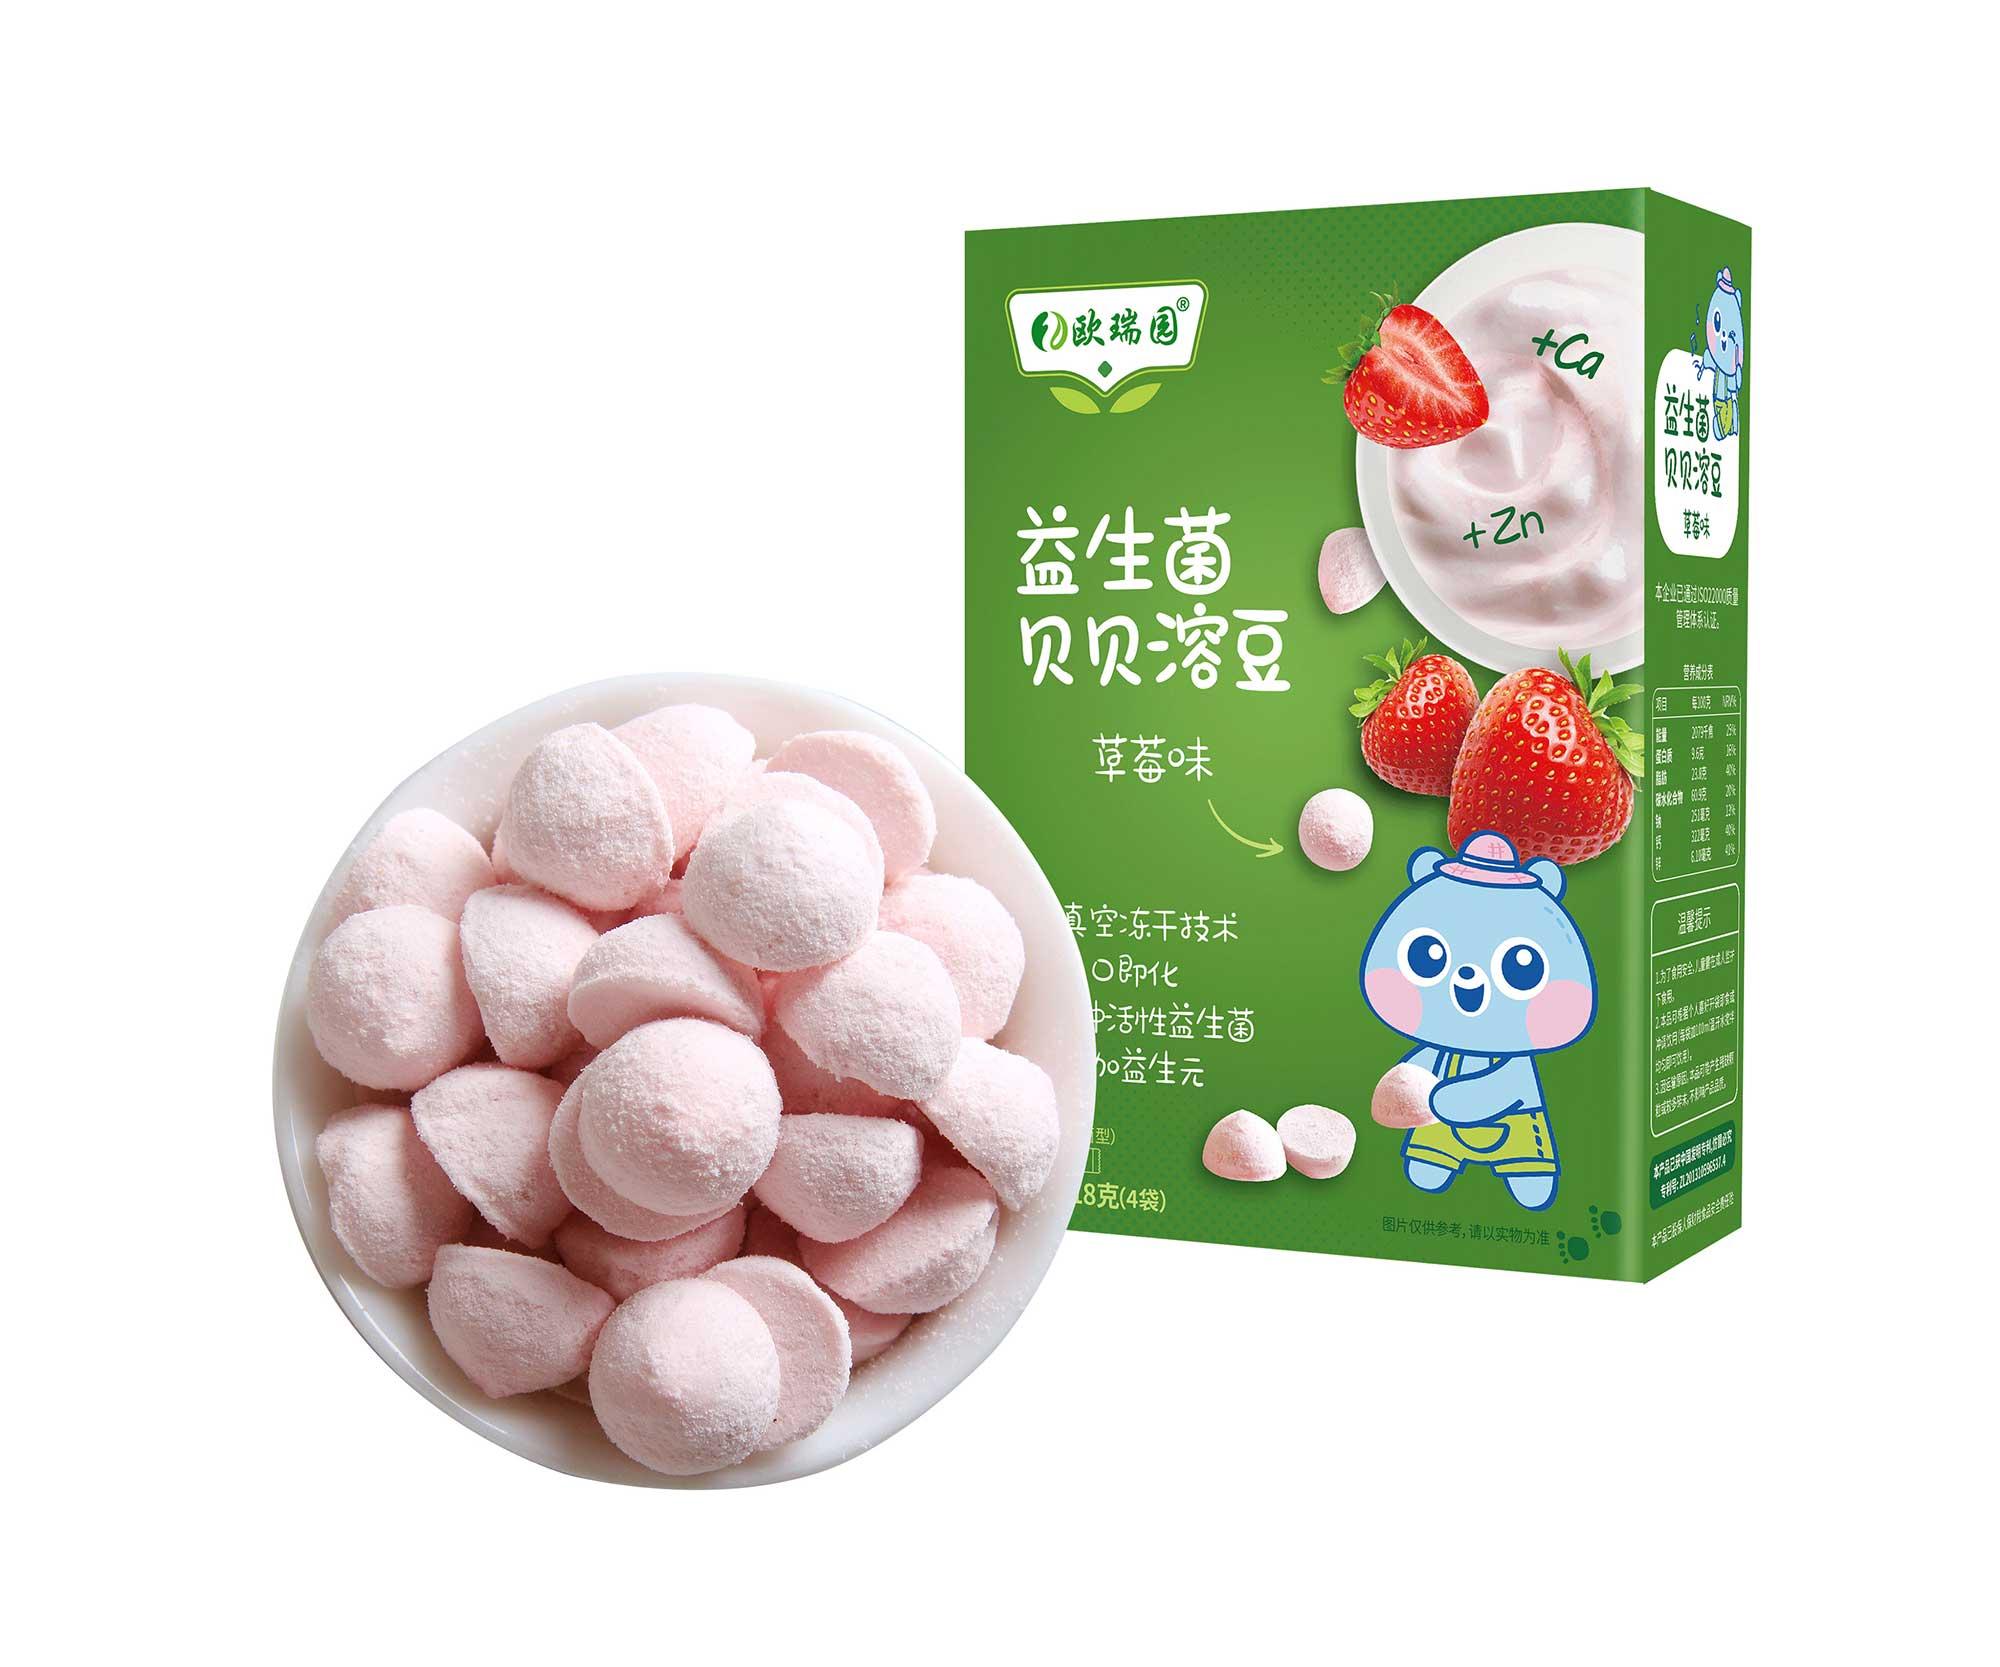 益生菌酸奶溶豆草莓味